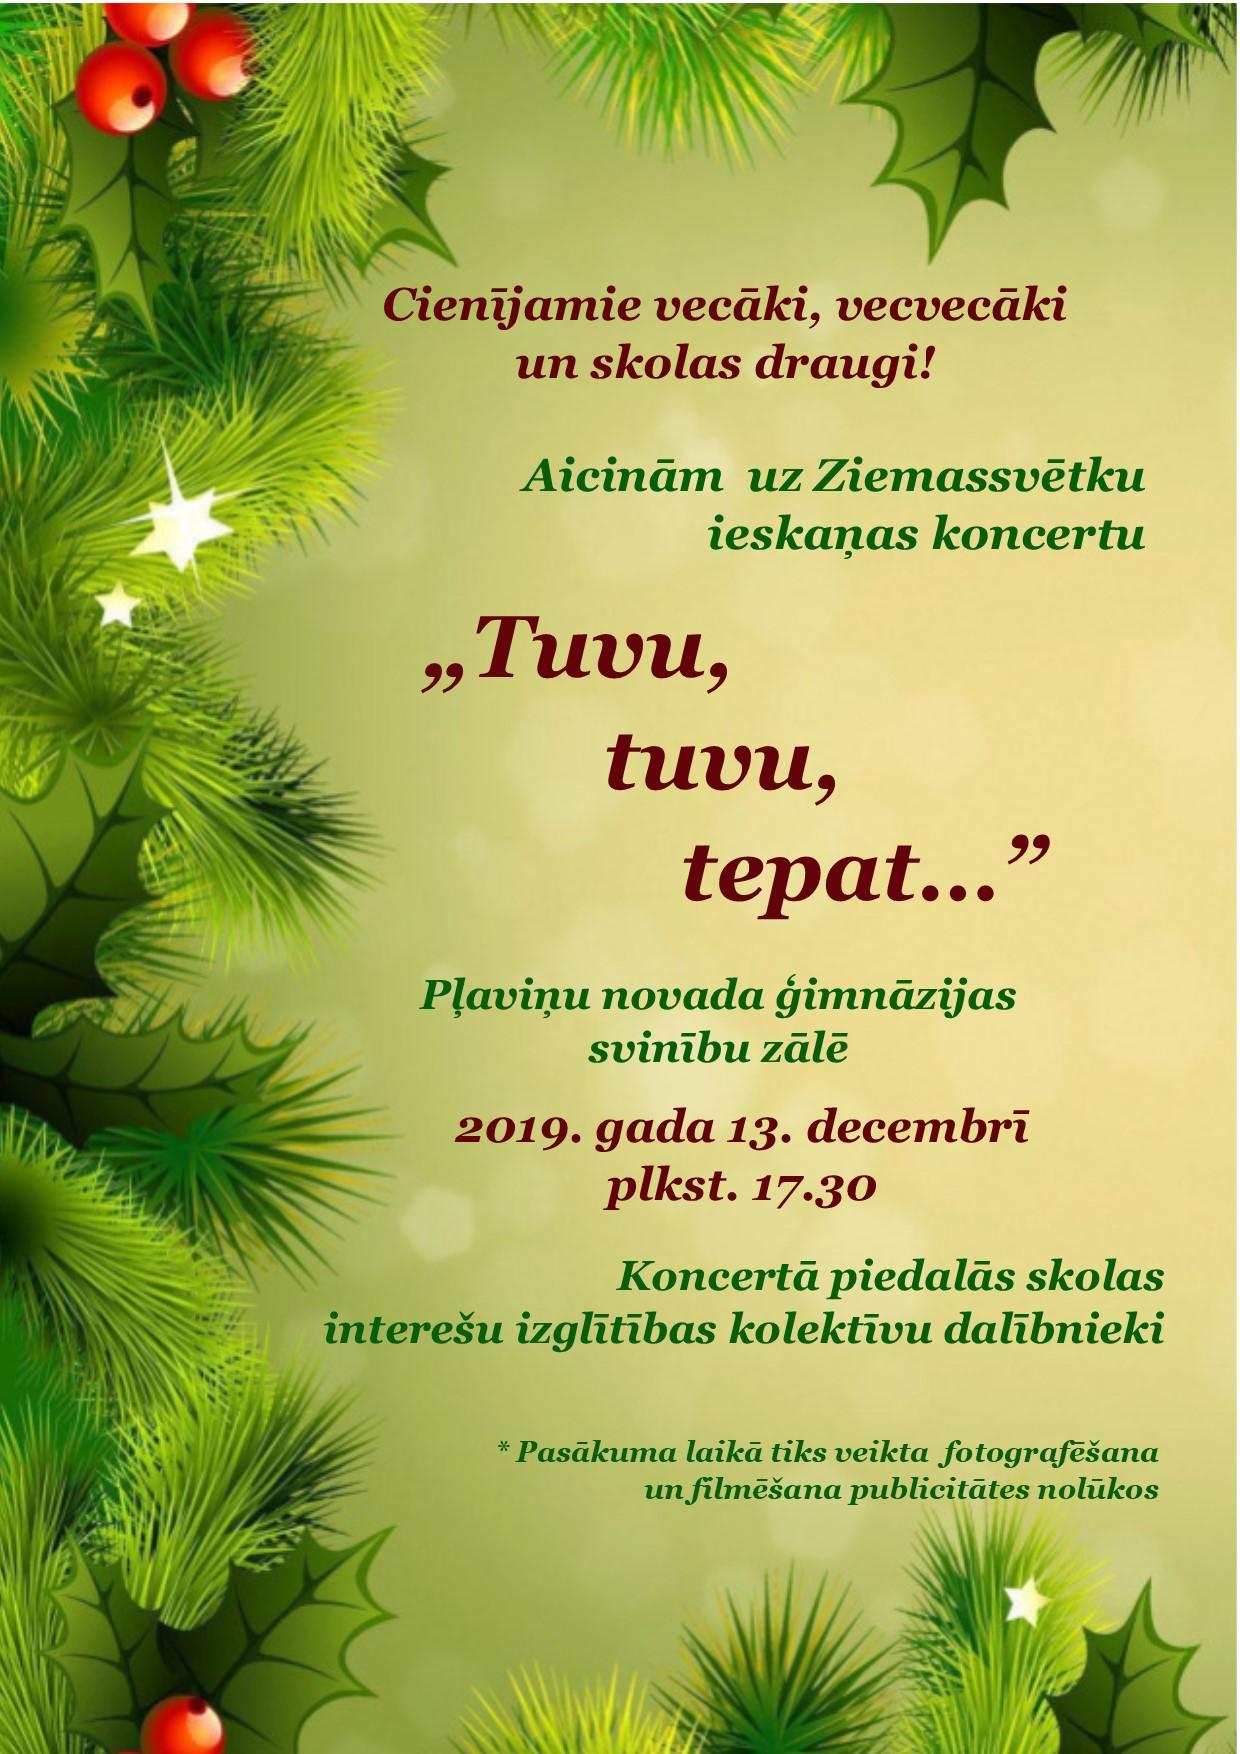 afisa_Ziemassvetku_koncertam_PNG_2019